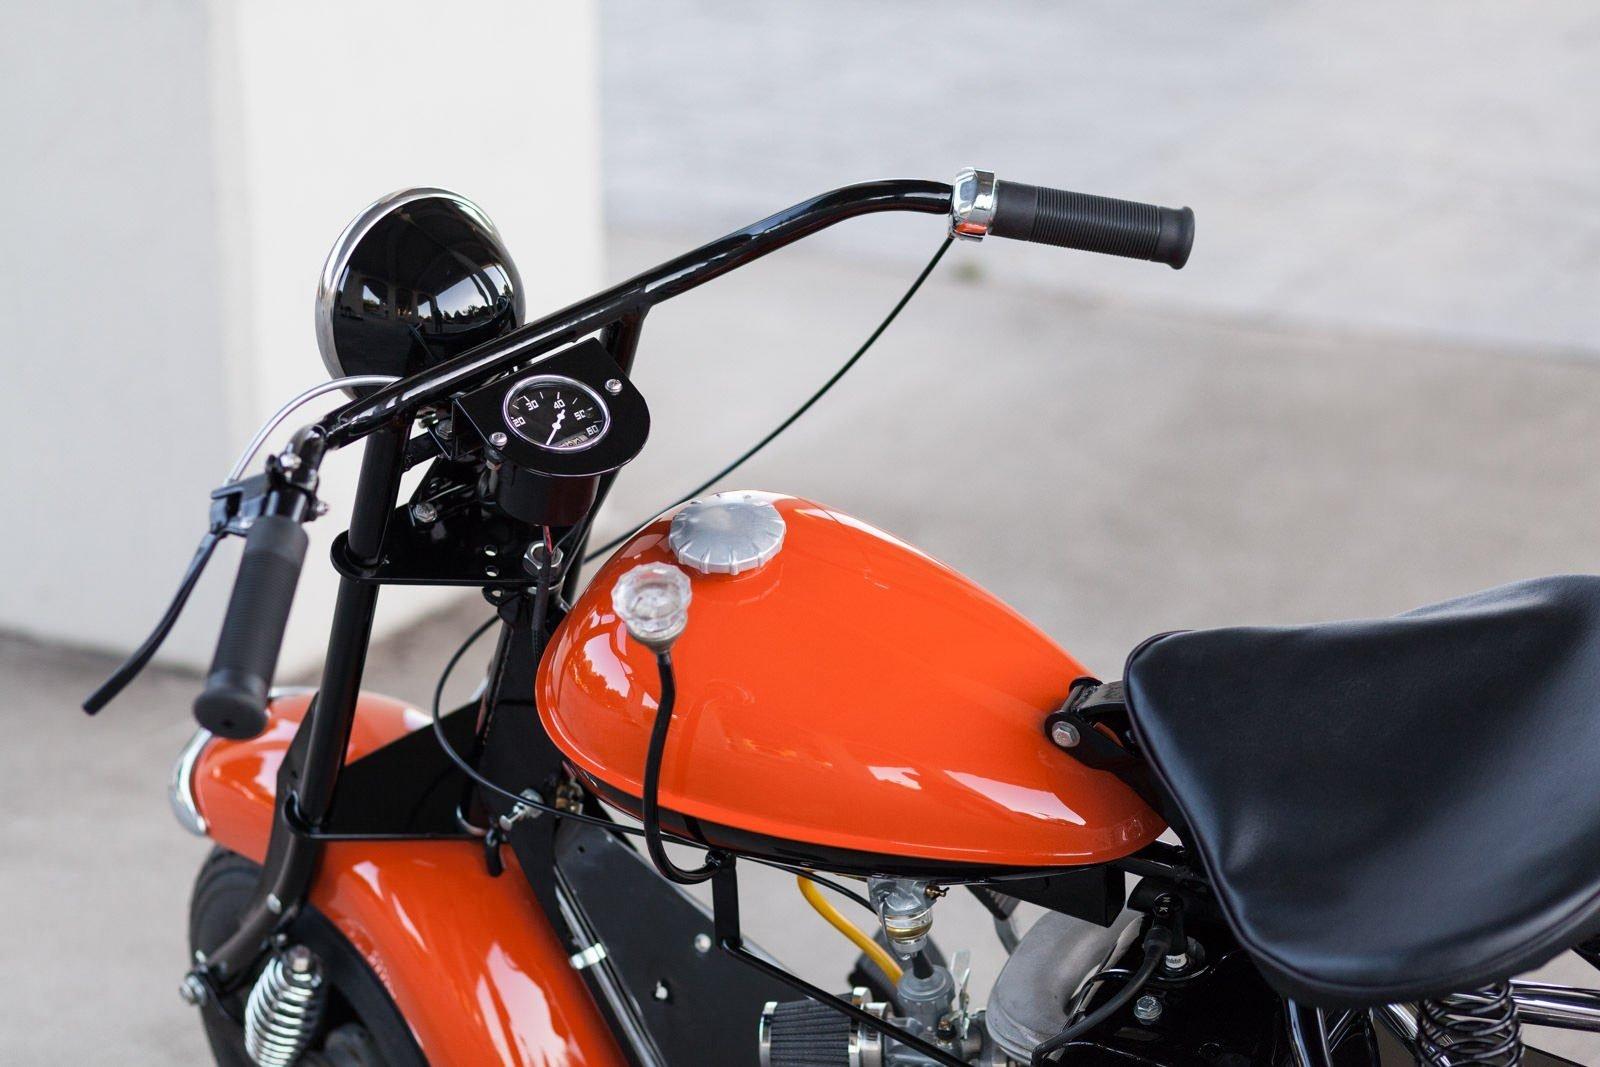 cushman motor scooter 8 1600x1067 - American Icon: The 1955 Cushman Eagle